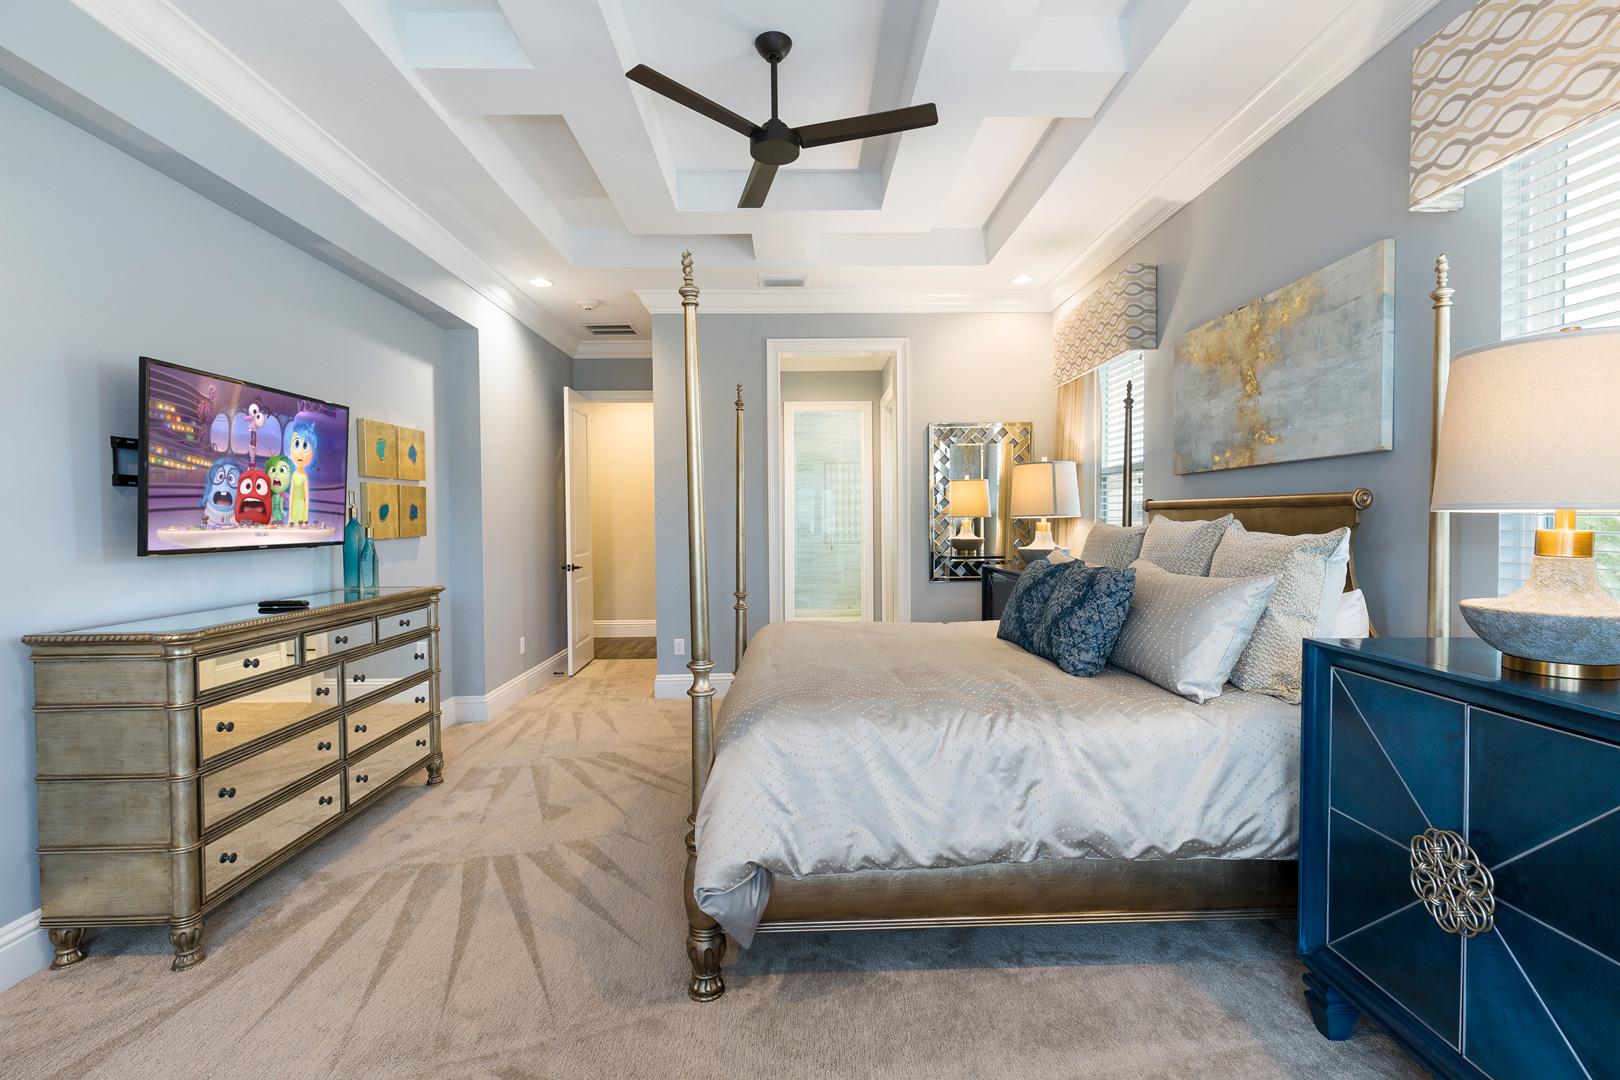 Bedrooms56